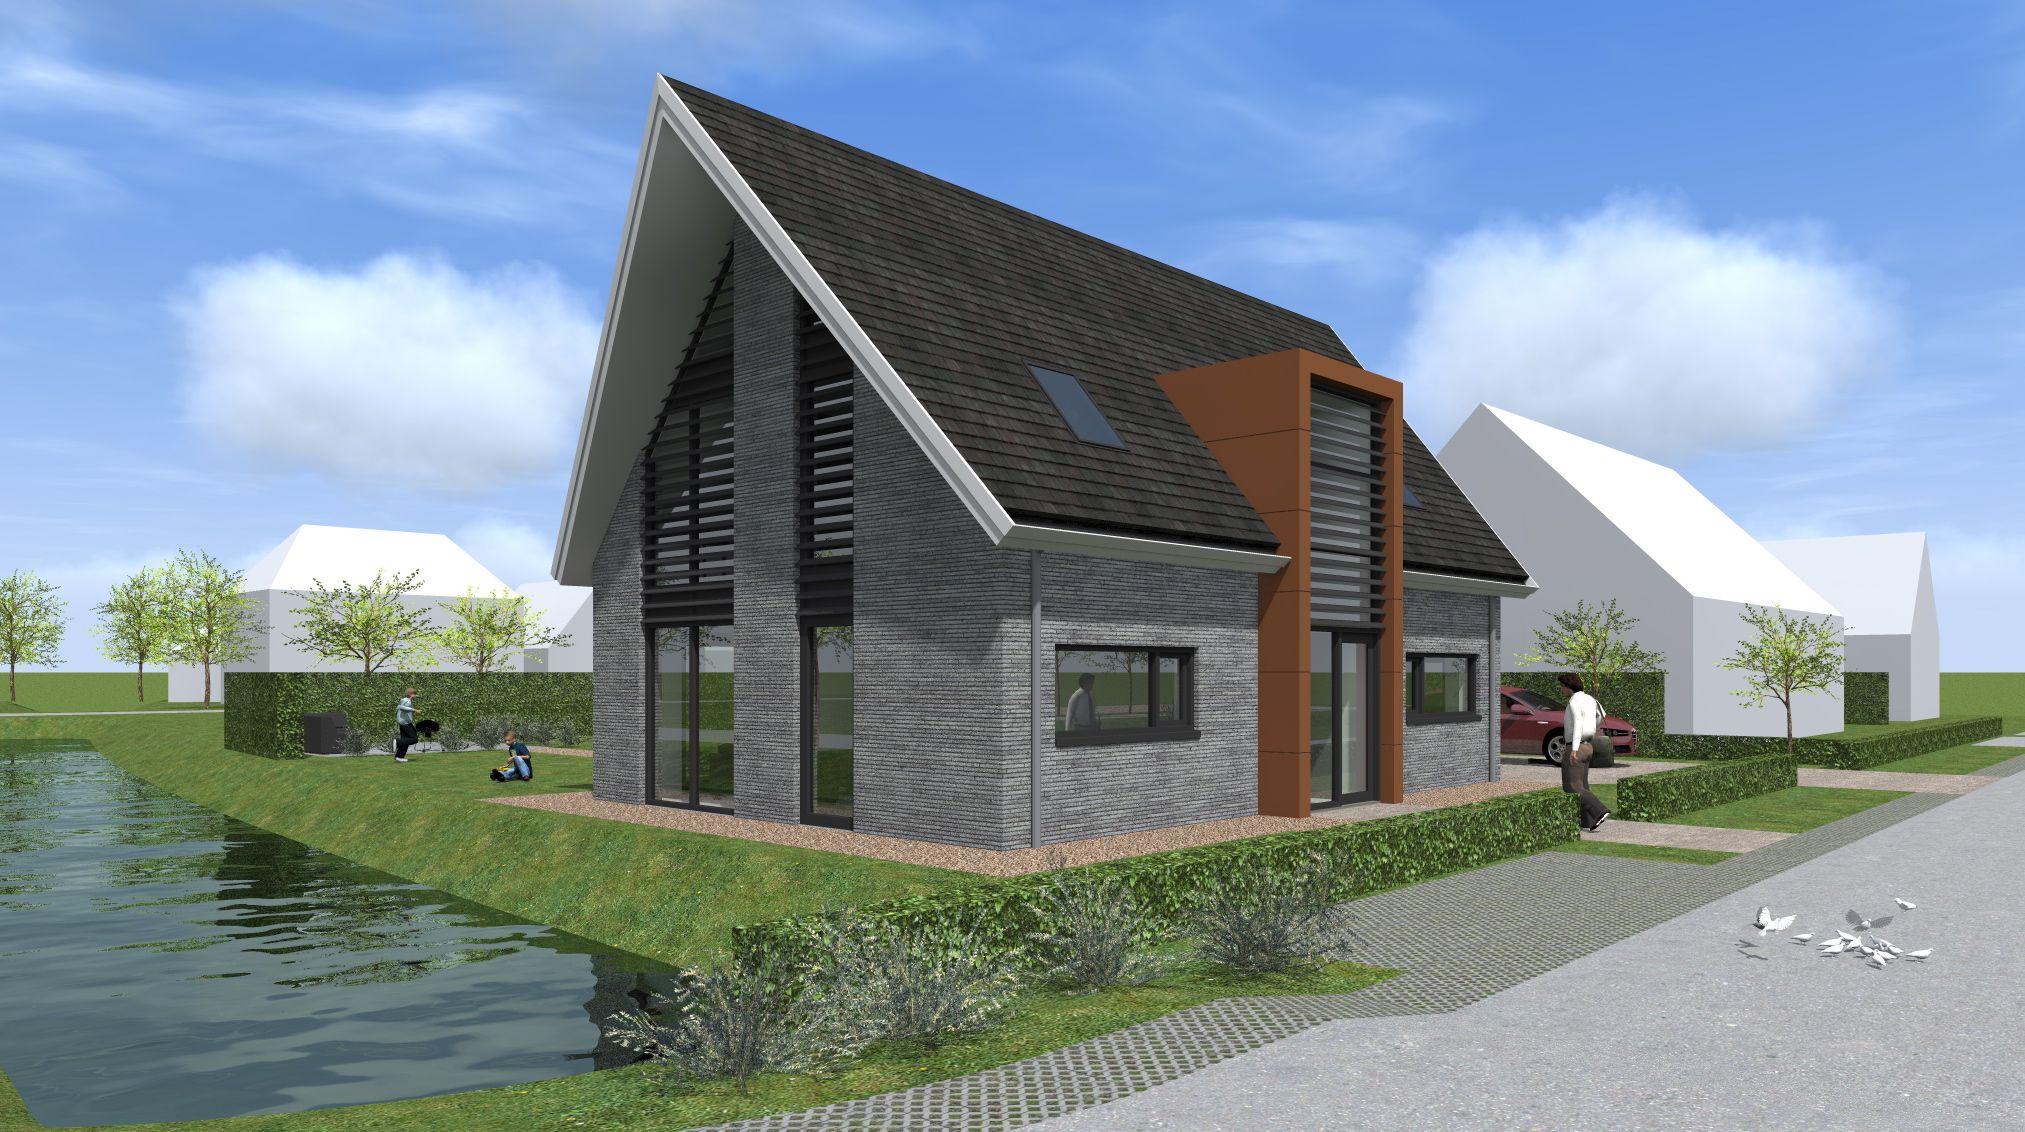 Ontwerp van een moderne nieuwbouwwoning te schoonhoven. met de